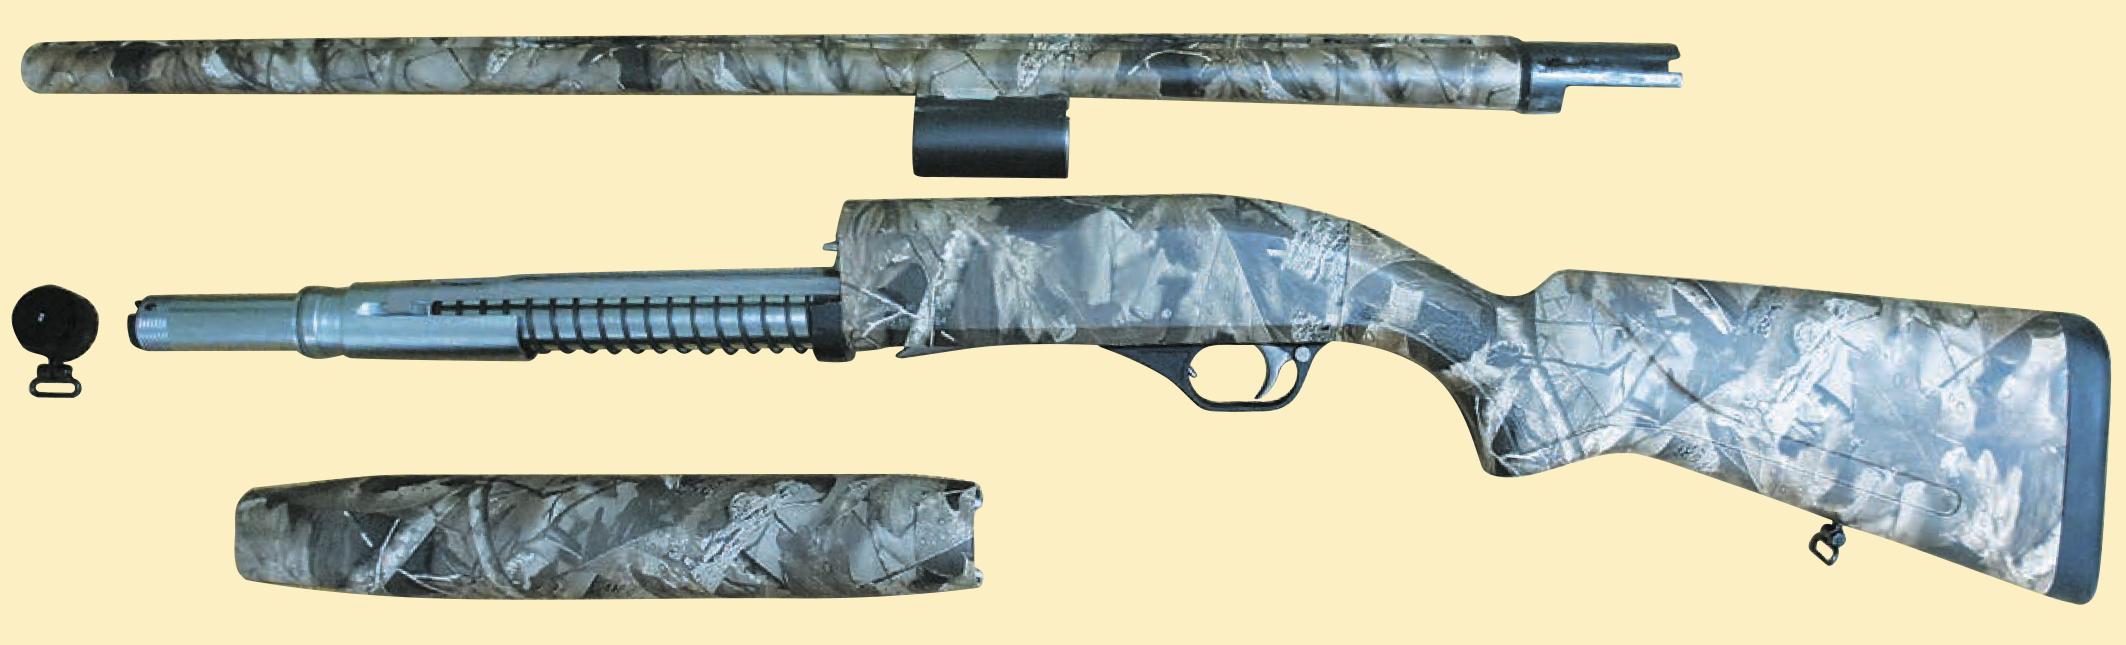 Неполная разборка ружья МР-153